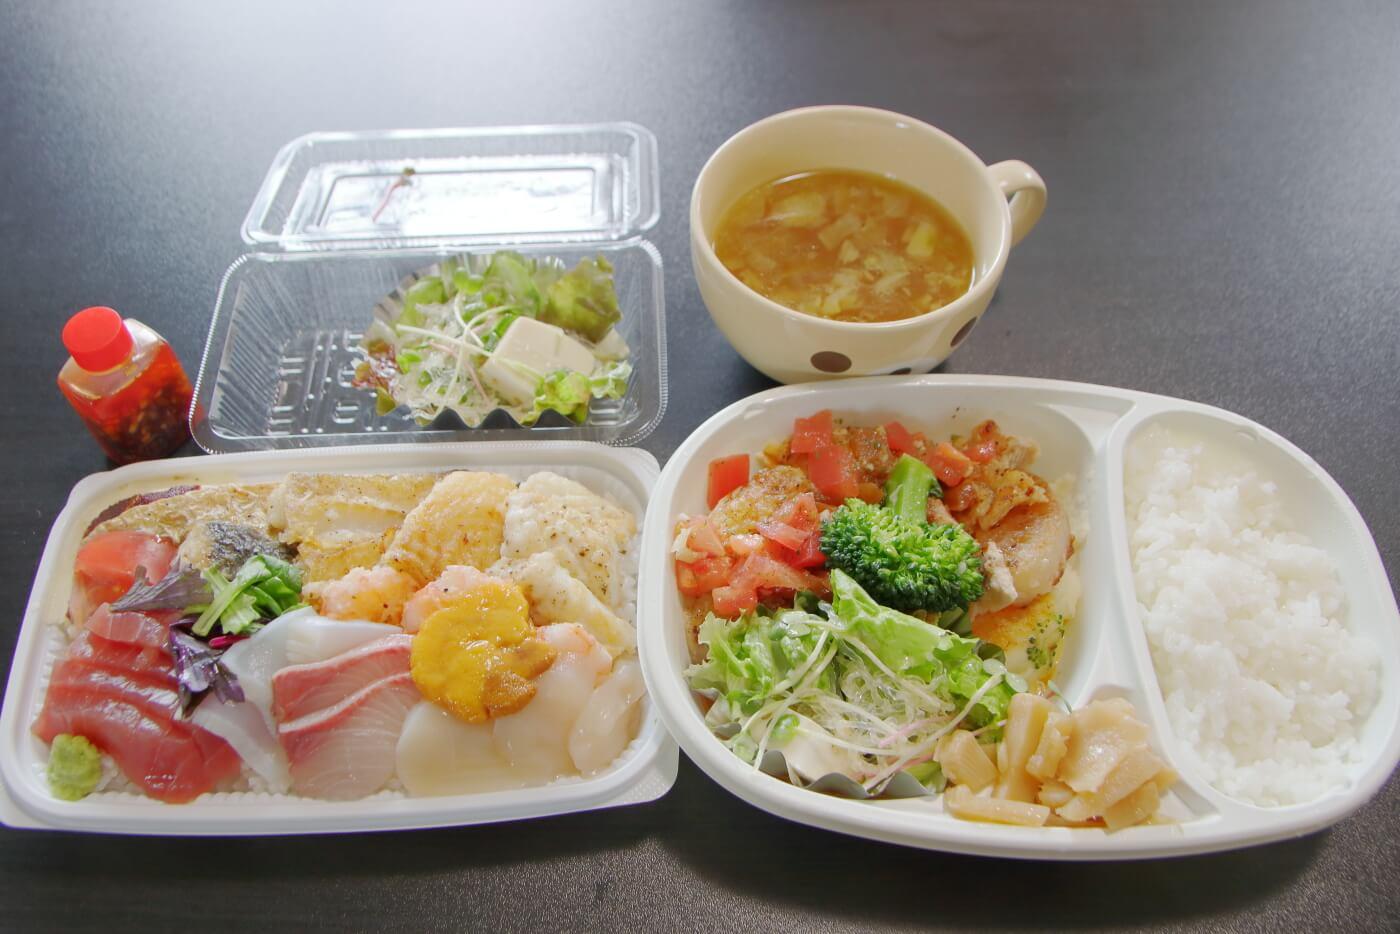 クードゥバレーヌ テイクアウト バレーヌ風海鮮丼(洋風海鮮丼)&日替わりランチ